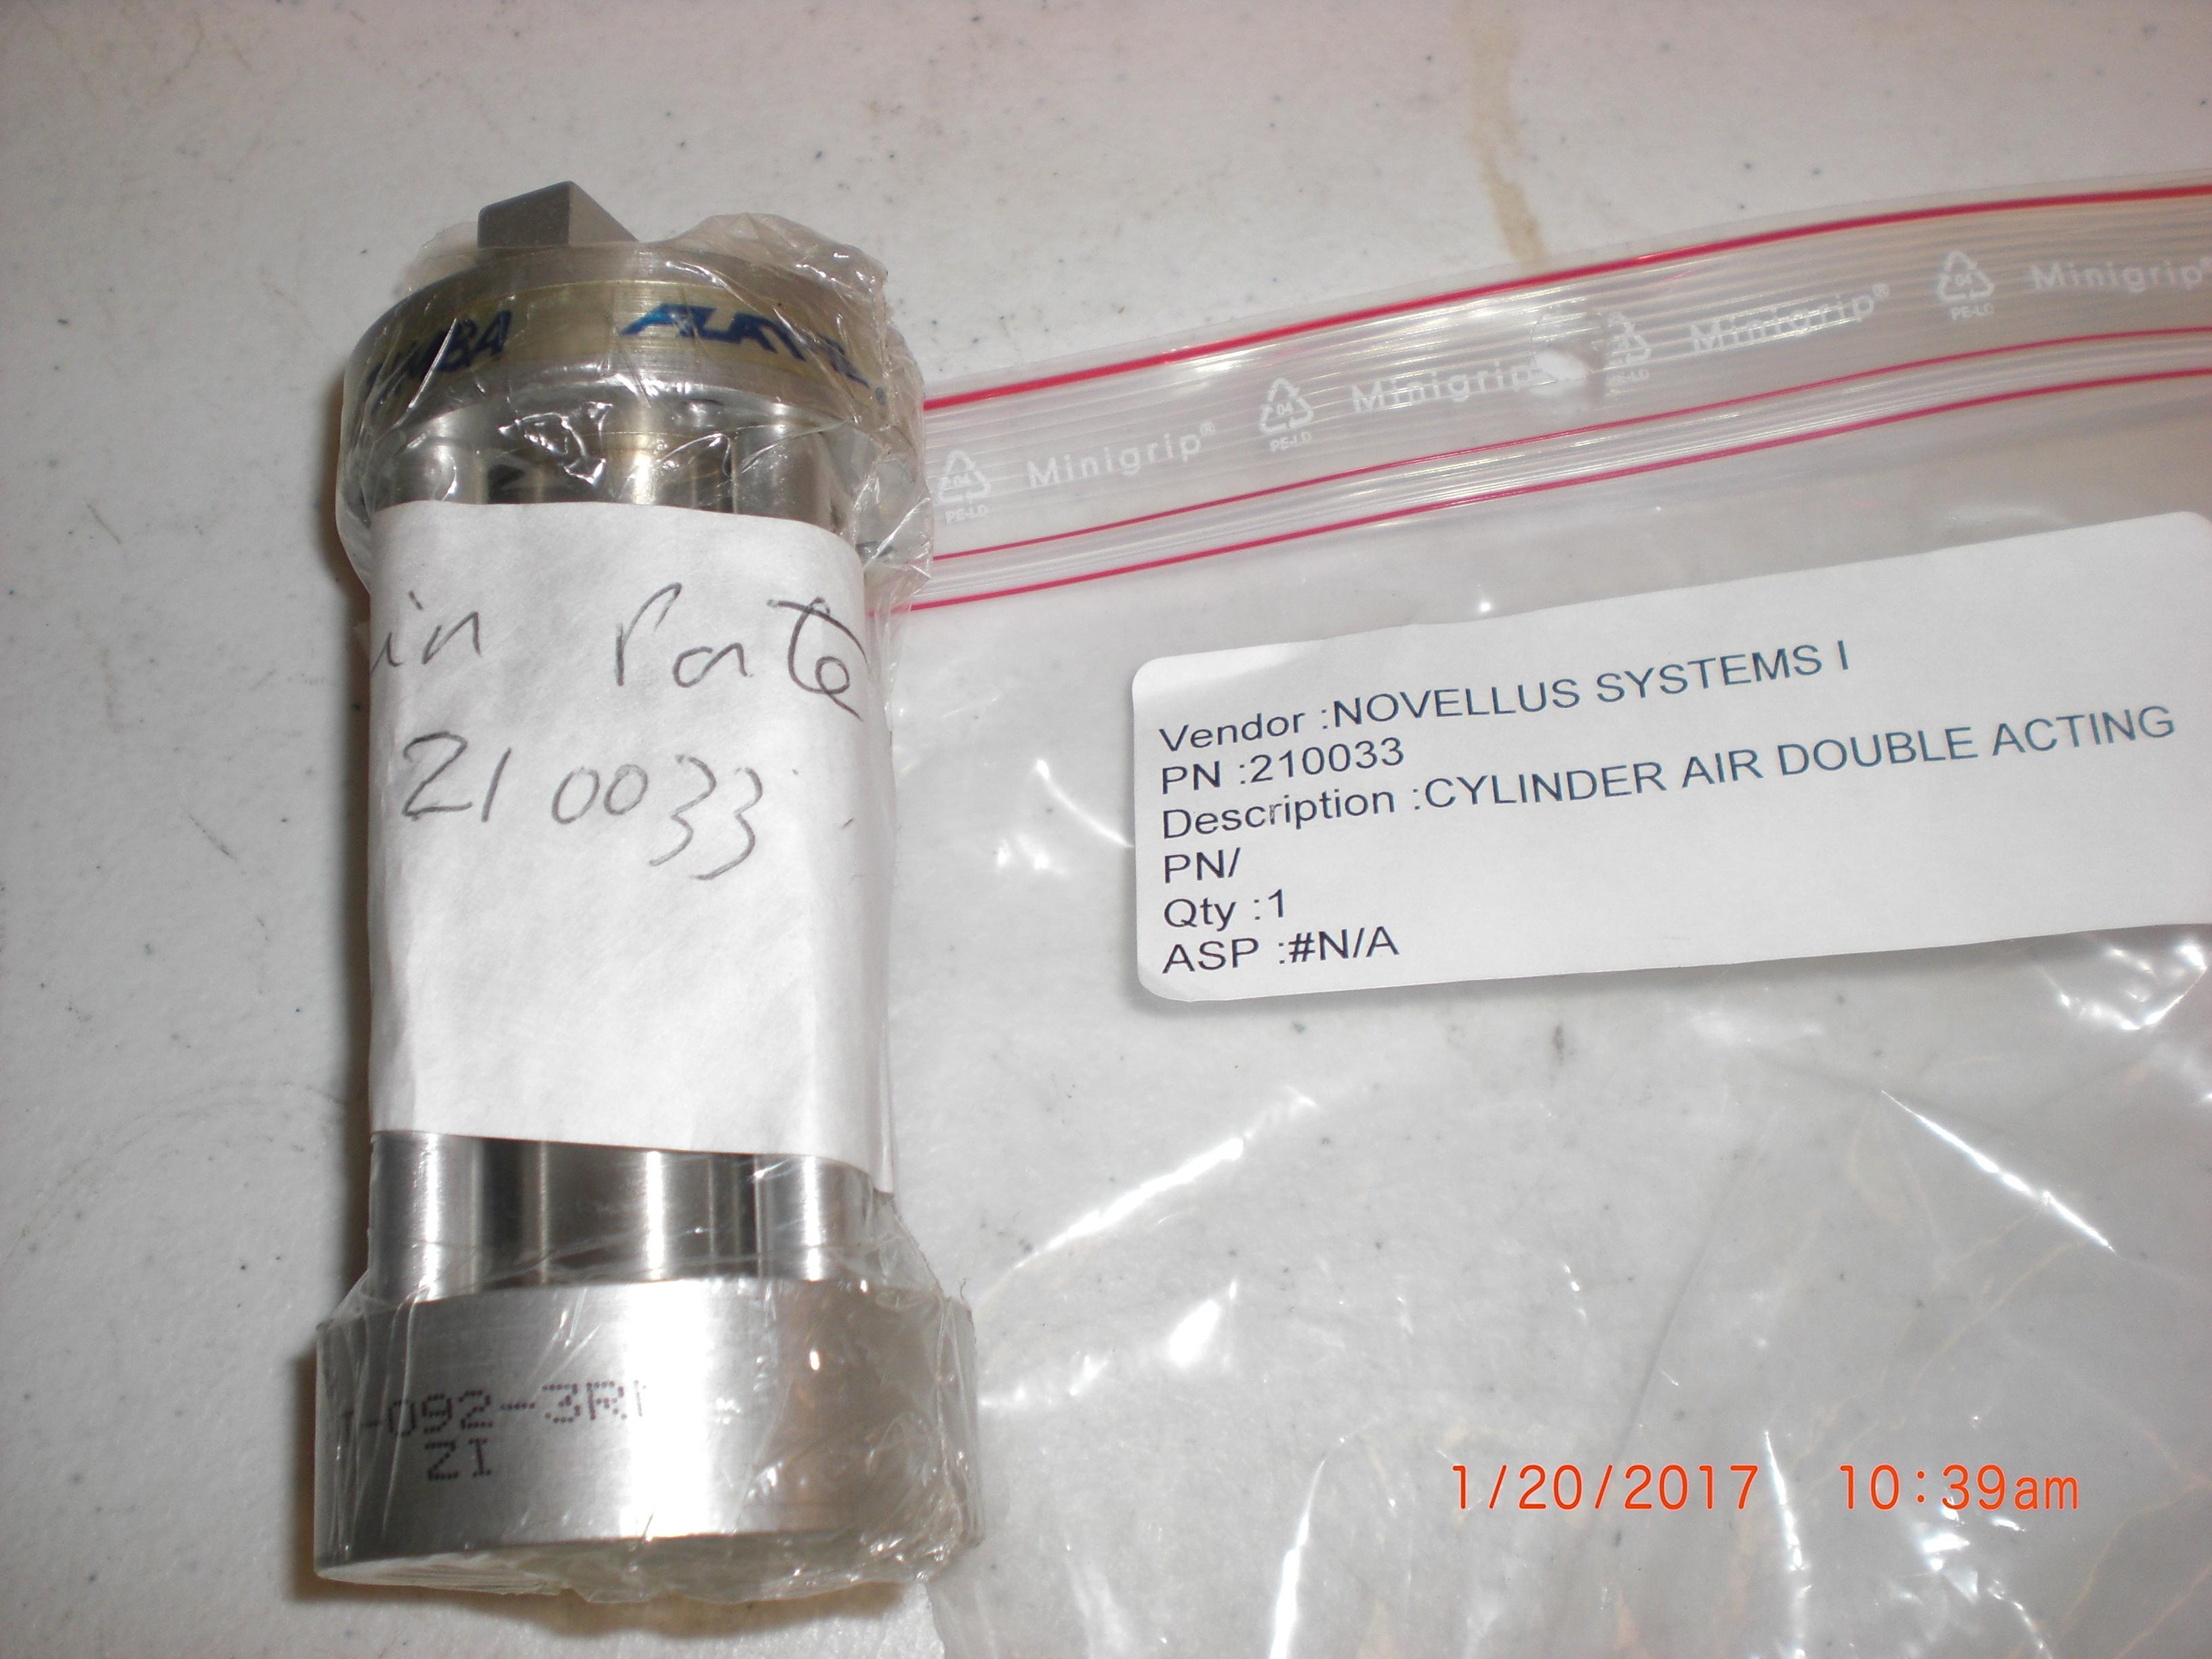 Actuator BIMBA FT-092-3RM Novellus 210033 FLAT II dual action cylinder